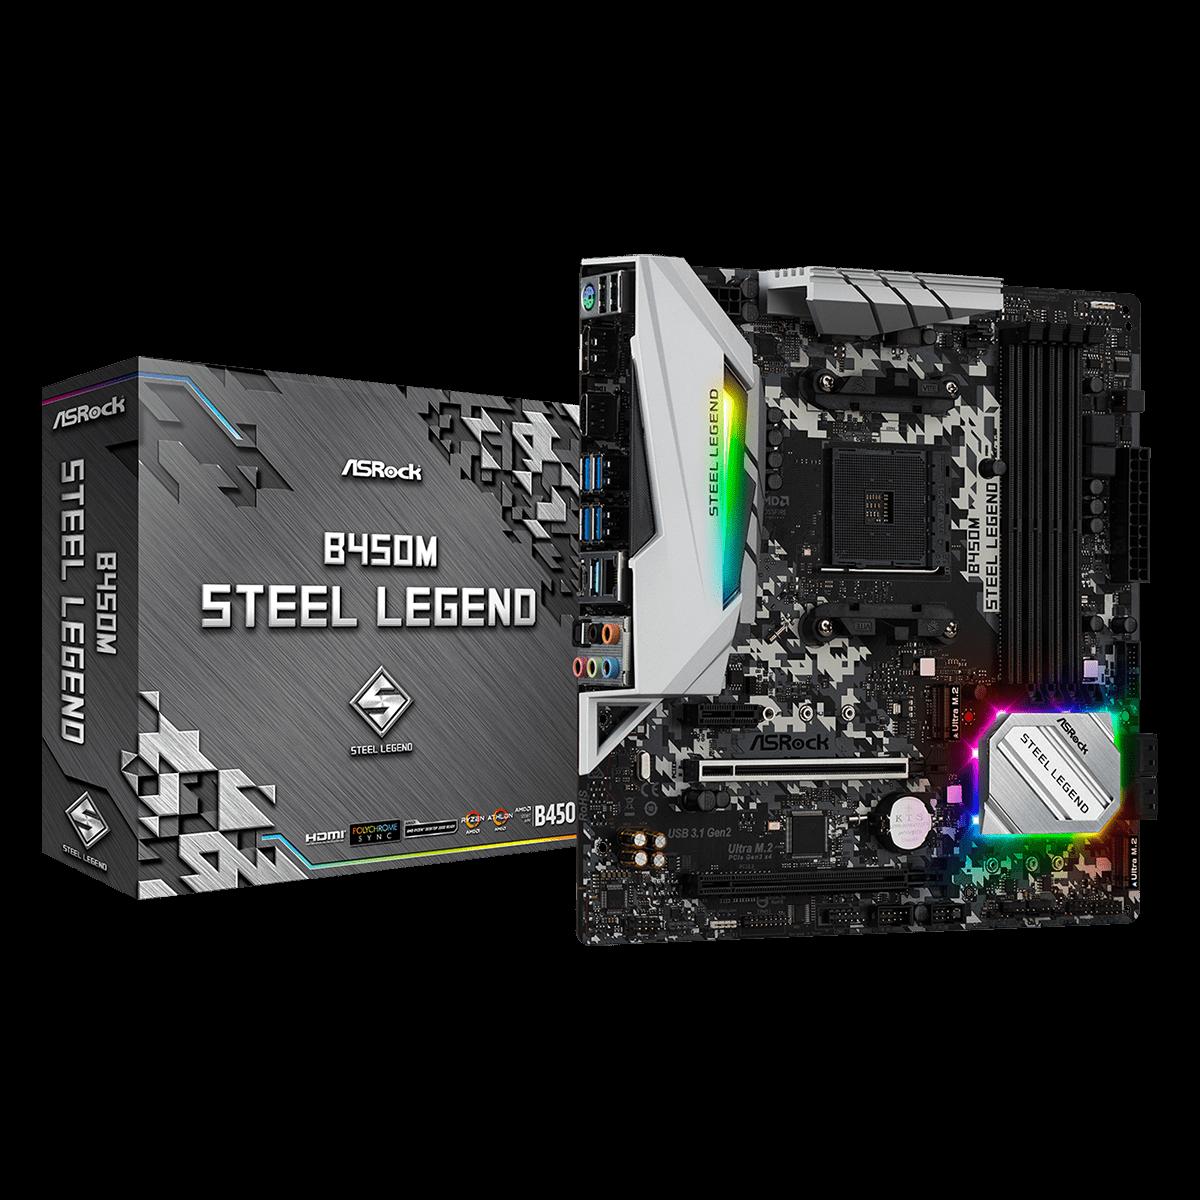 Placa Mãe ASRock B450M Steel Legend, Chipset B450, AMD AM4, mATX, DDR4